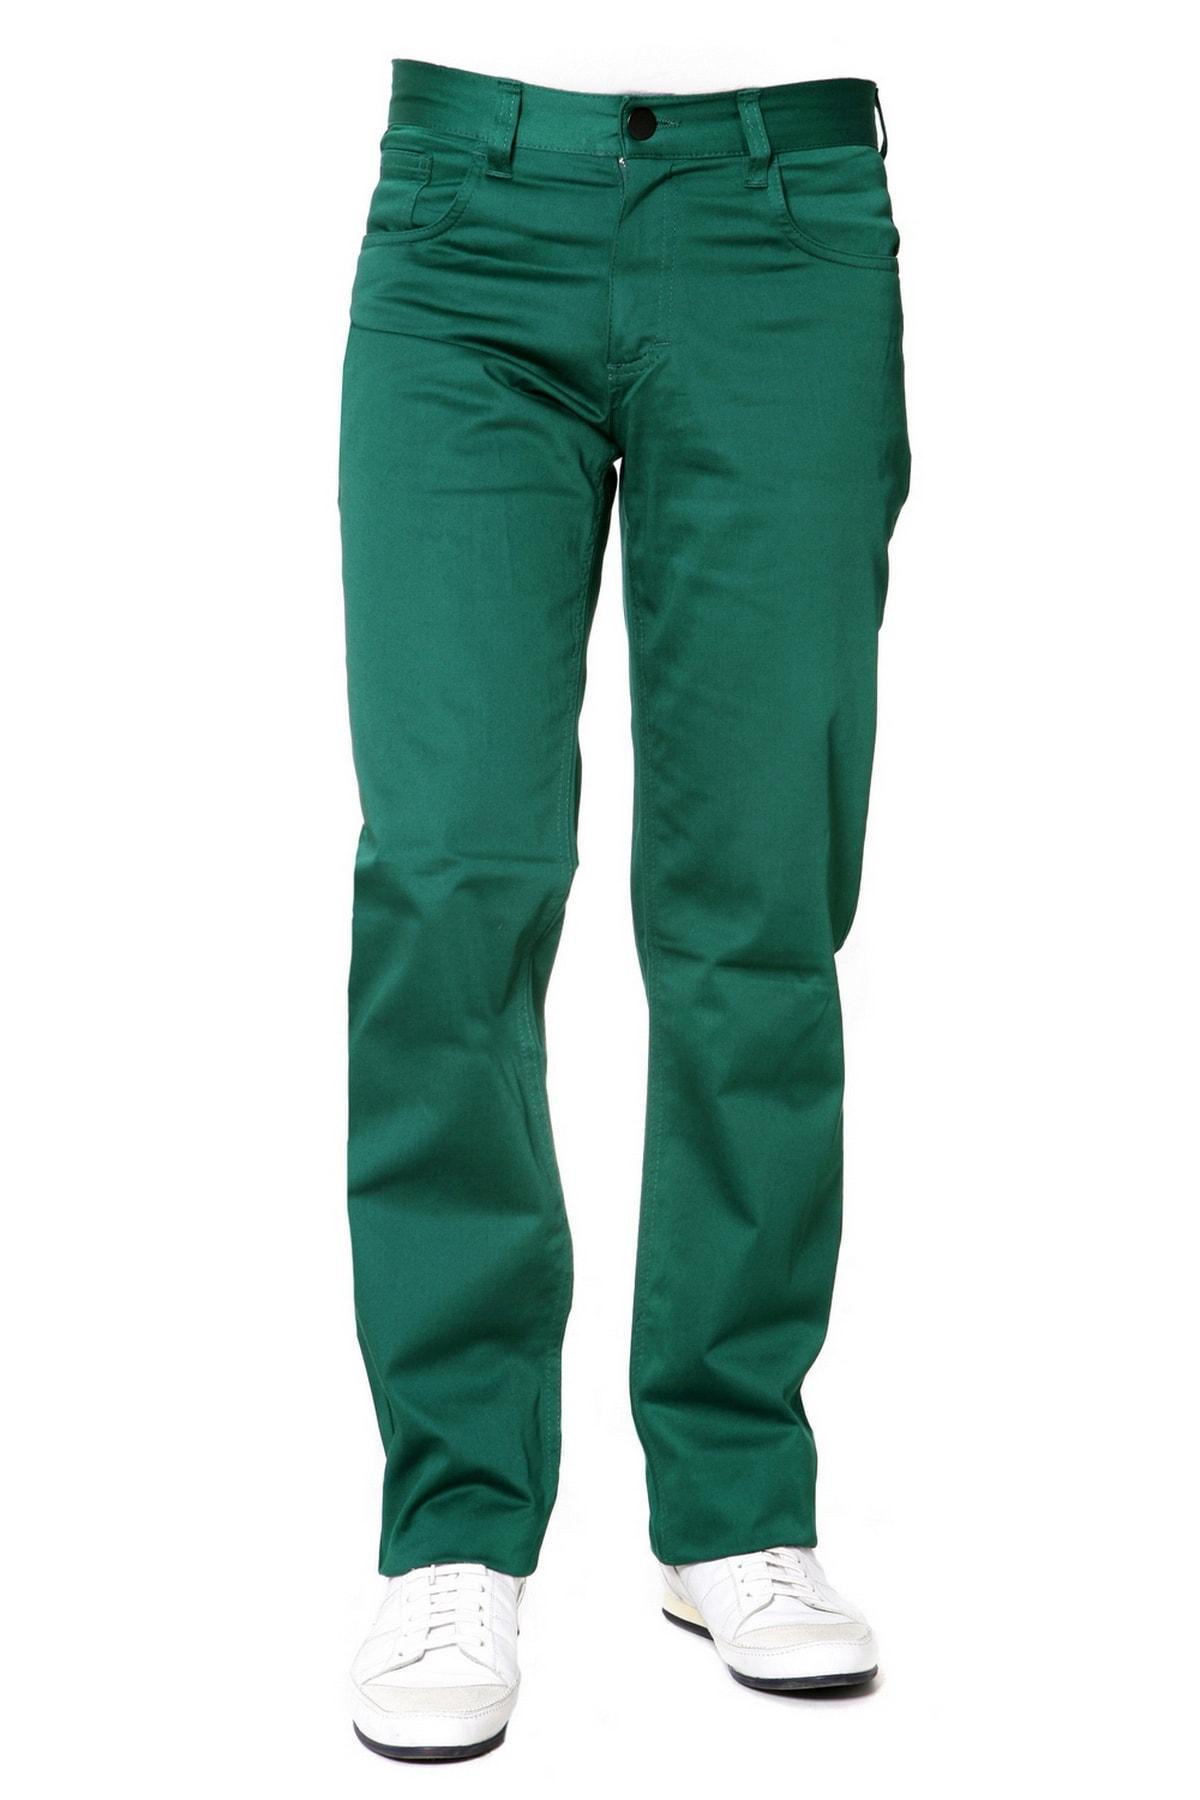 Efor Erkek Yeşil Spor Pantolon 1